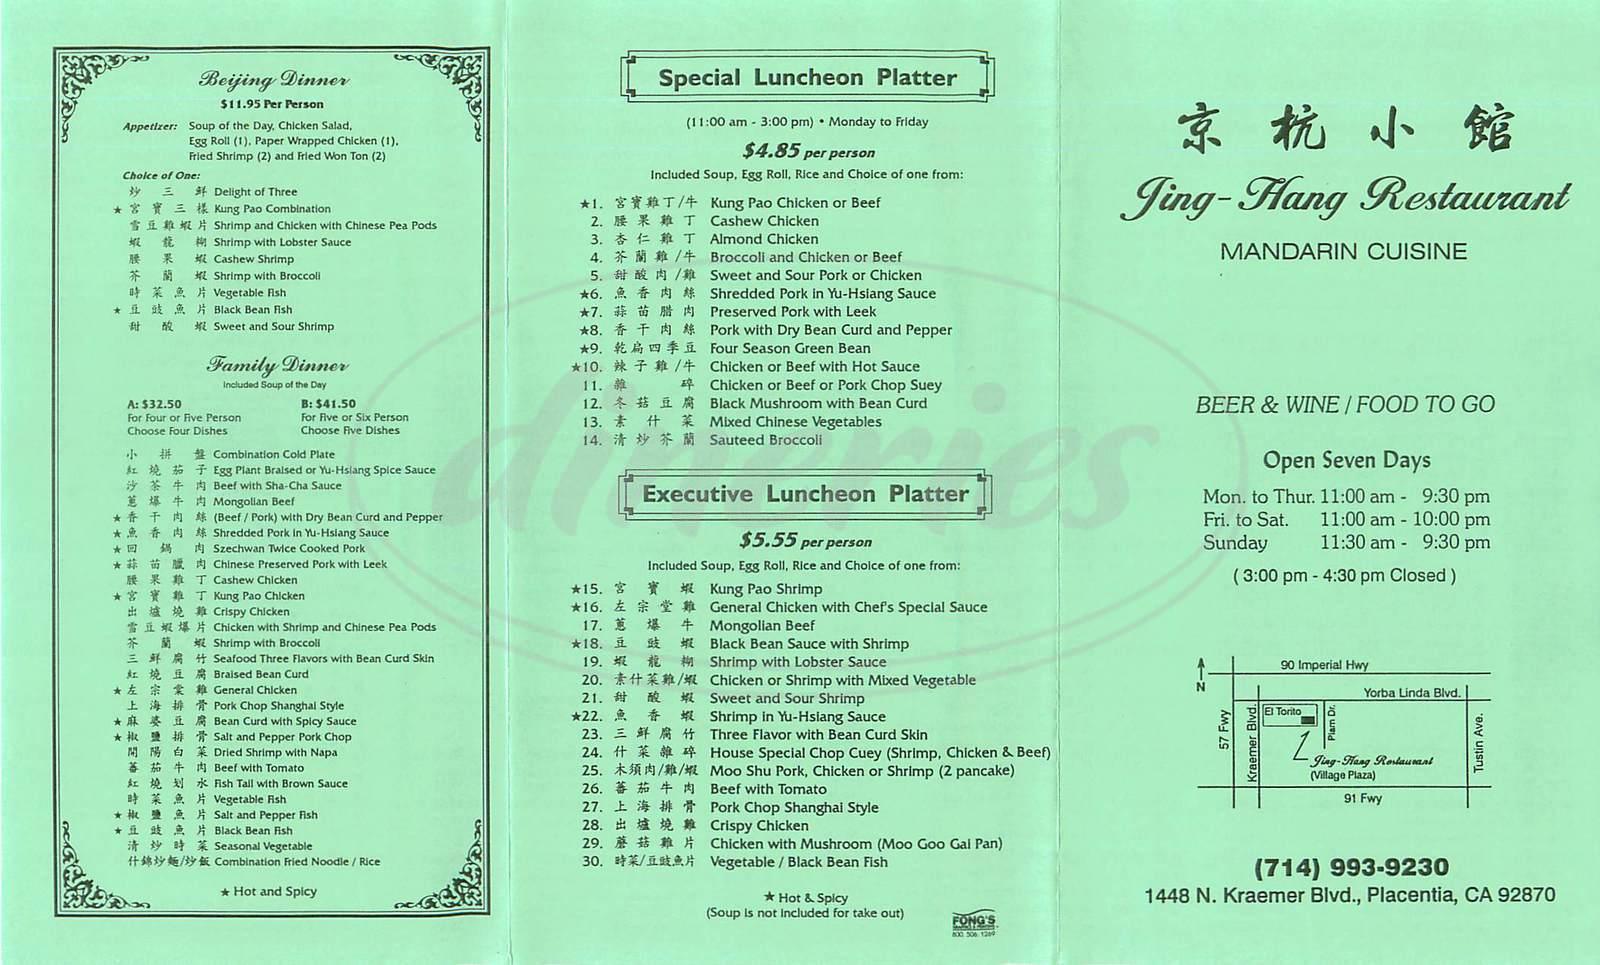 menu for Jing Hang Restaurant